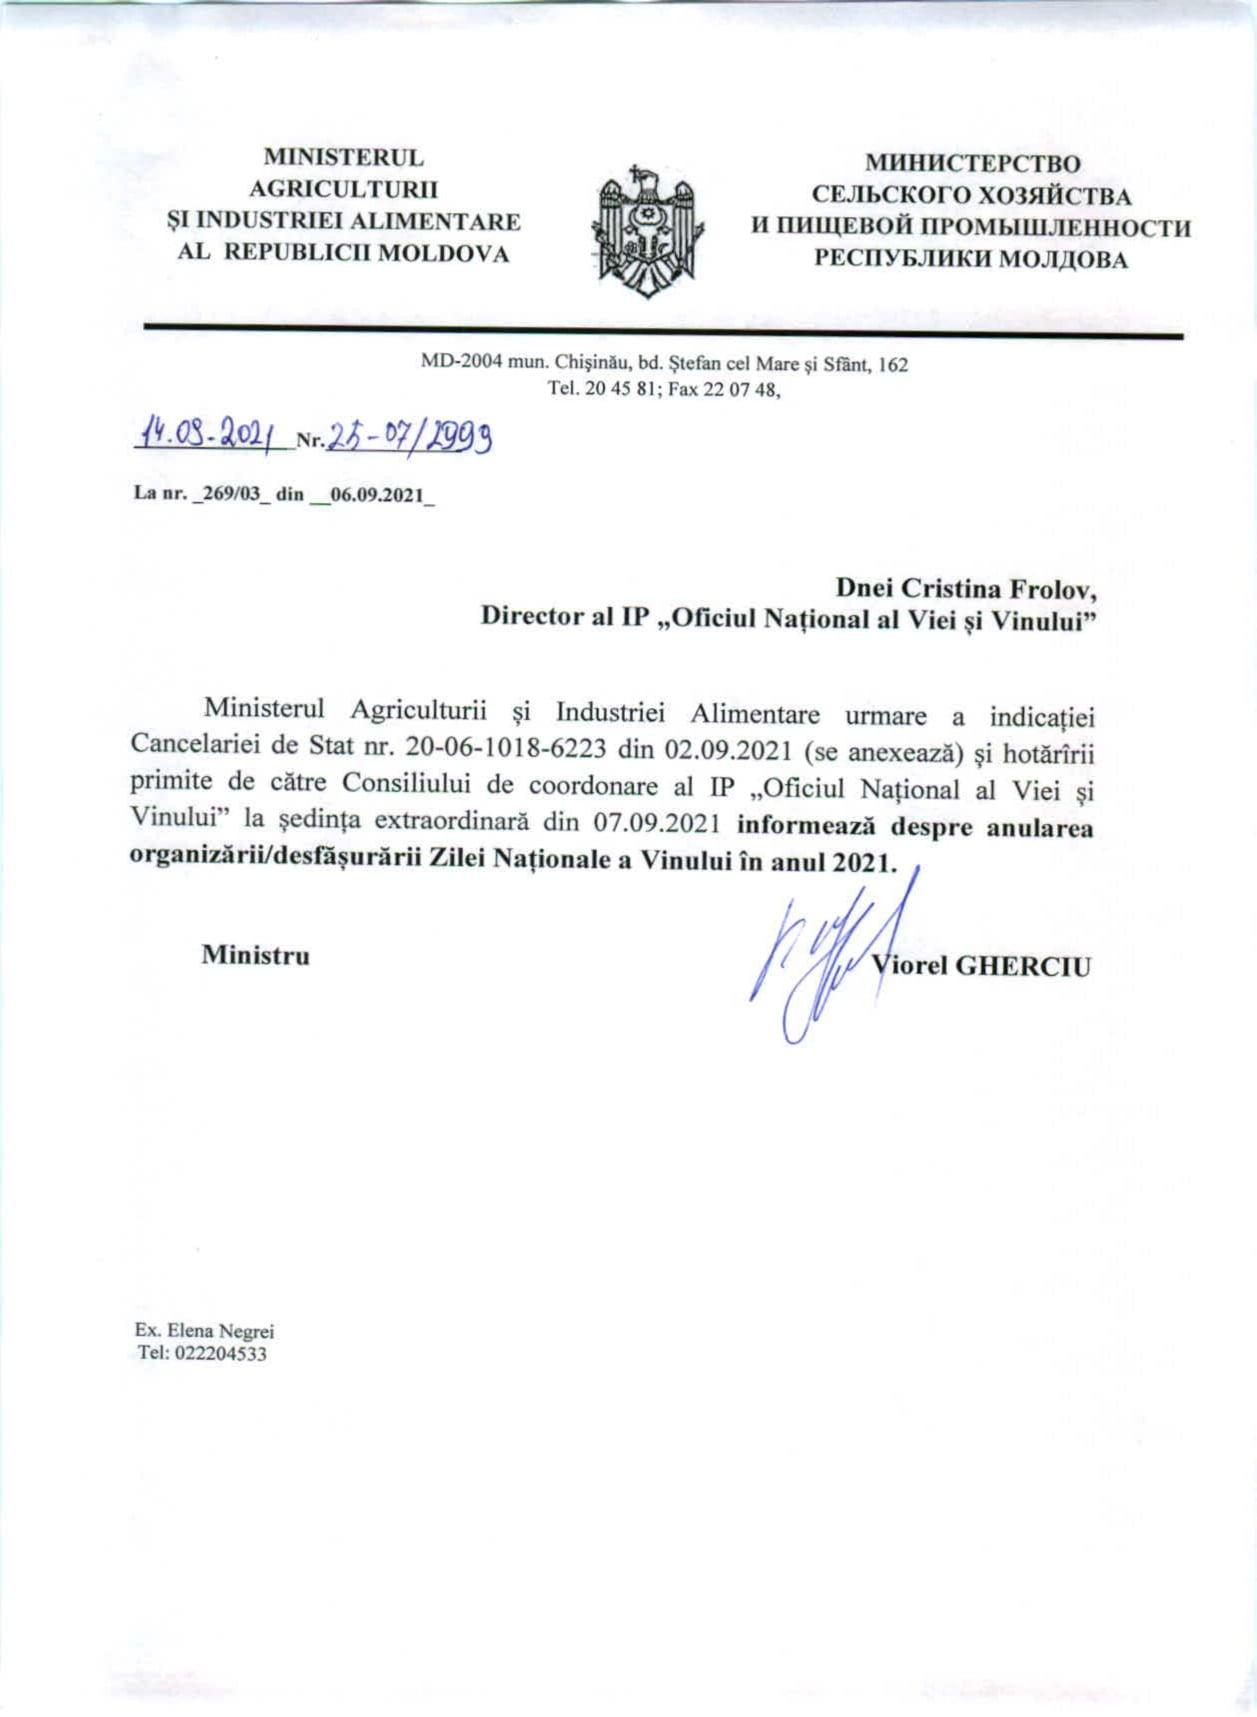 Oficiul Național al Viei și Vinului